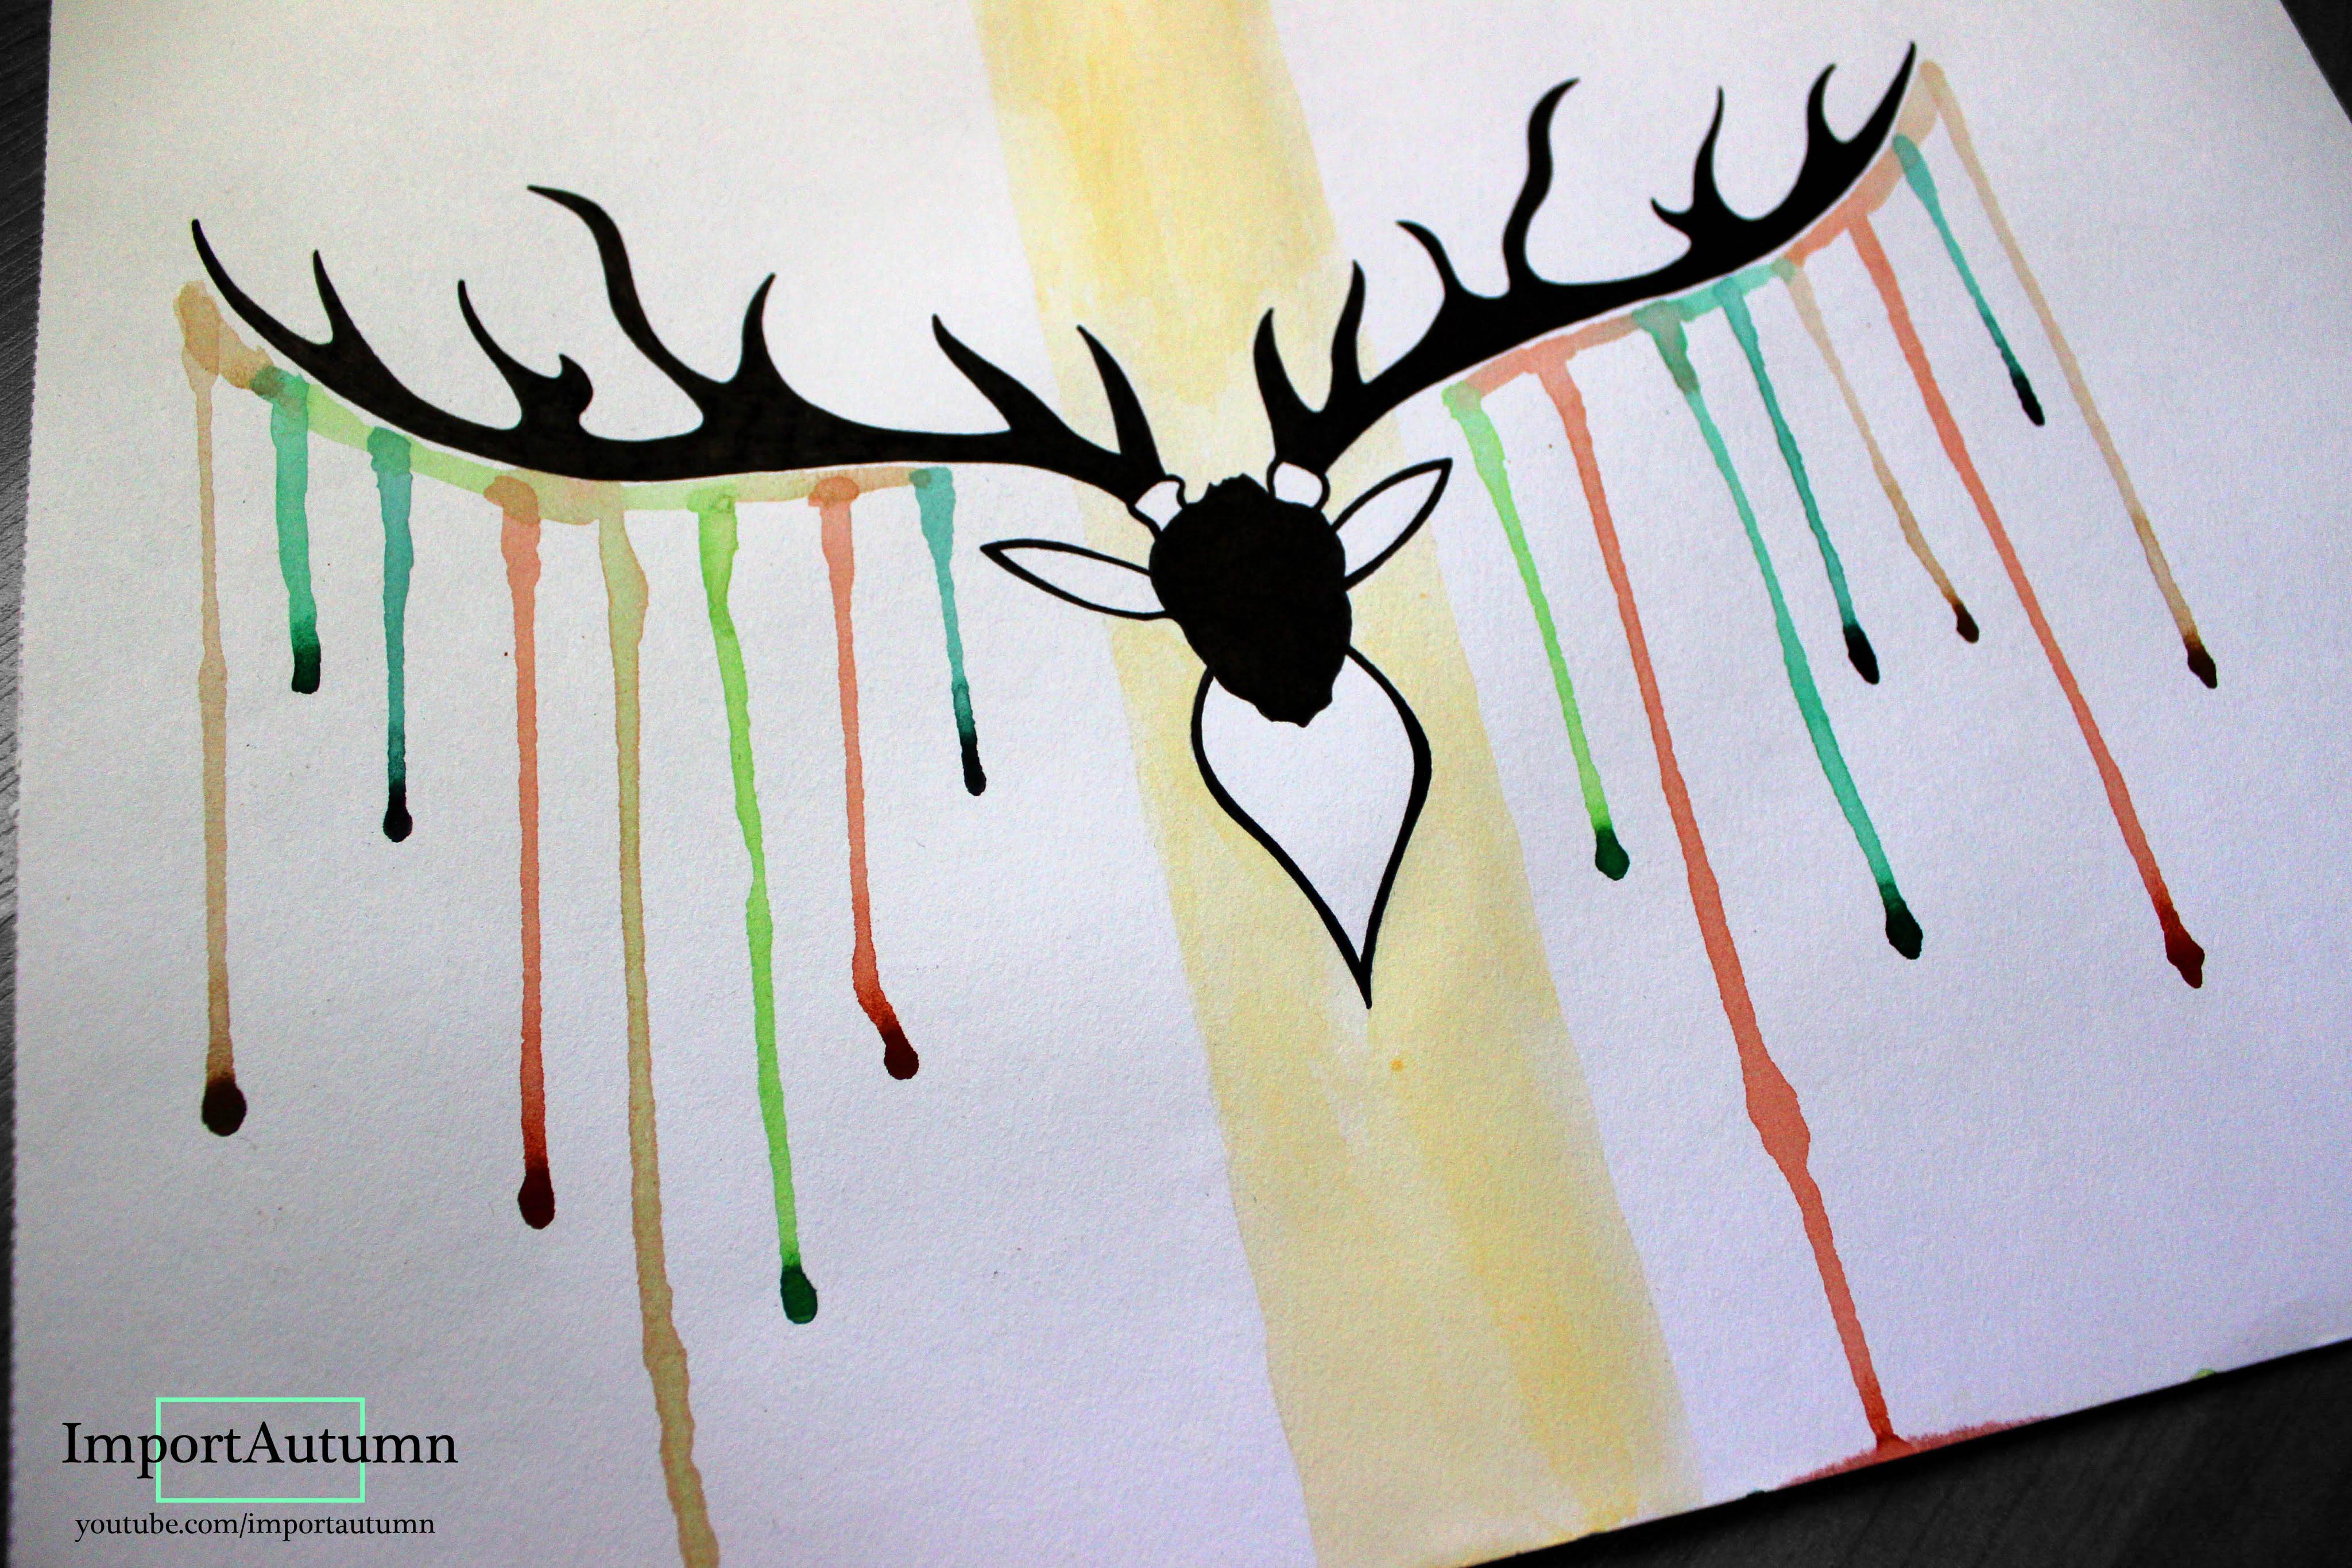 4096x2731 Let's Draw Deer Antlers + Watercolour [Artwork]